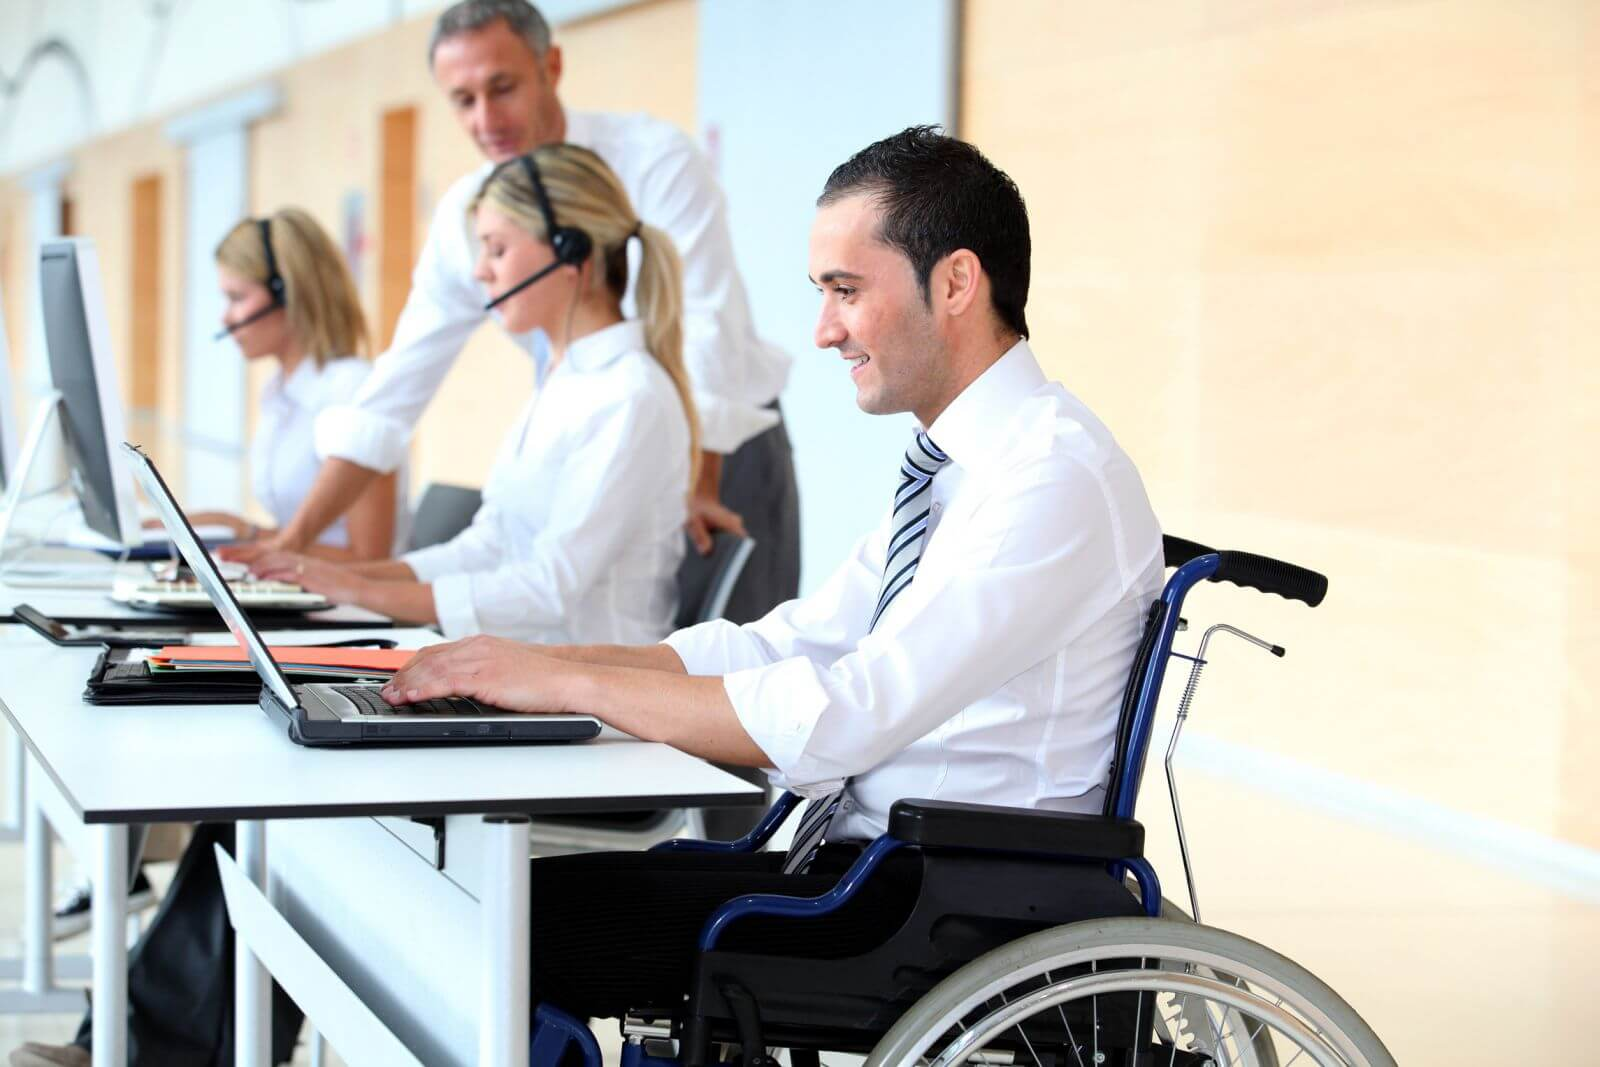 استخدام افراد با استعداد معلول و رشد بسیار سریع کسب و کار